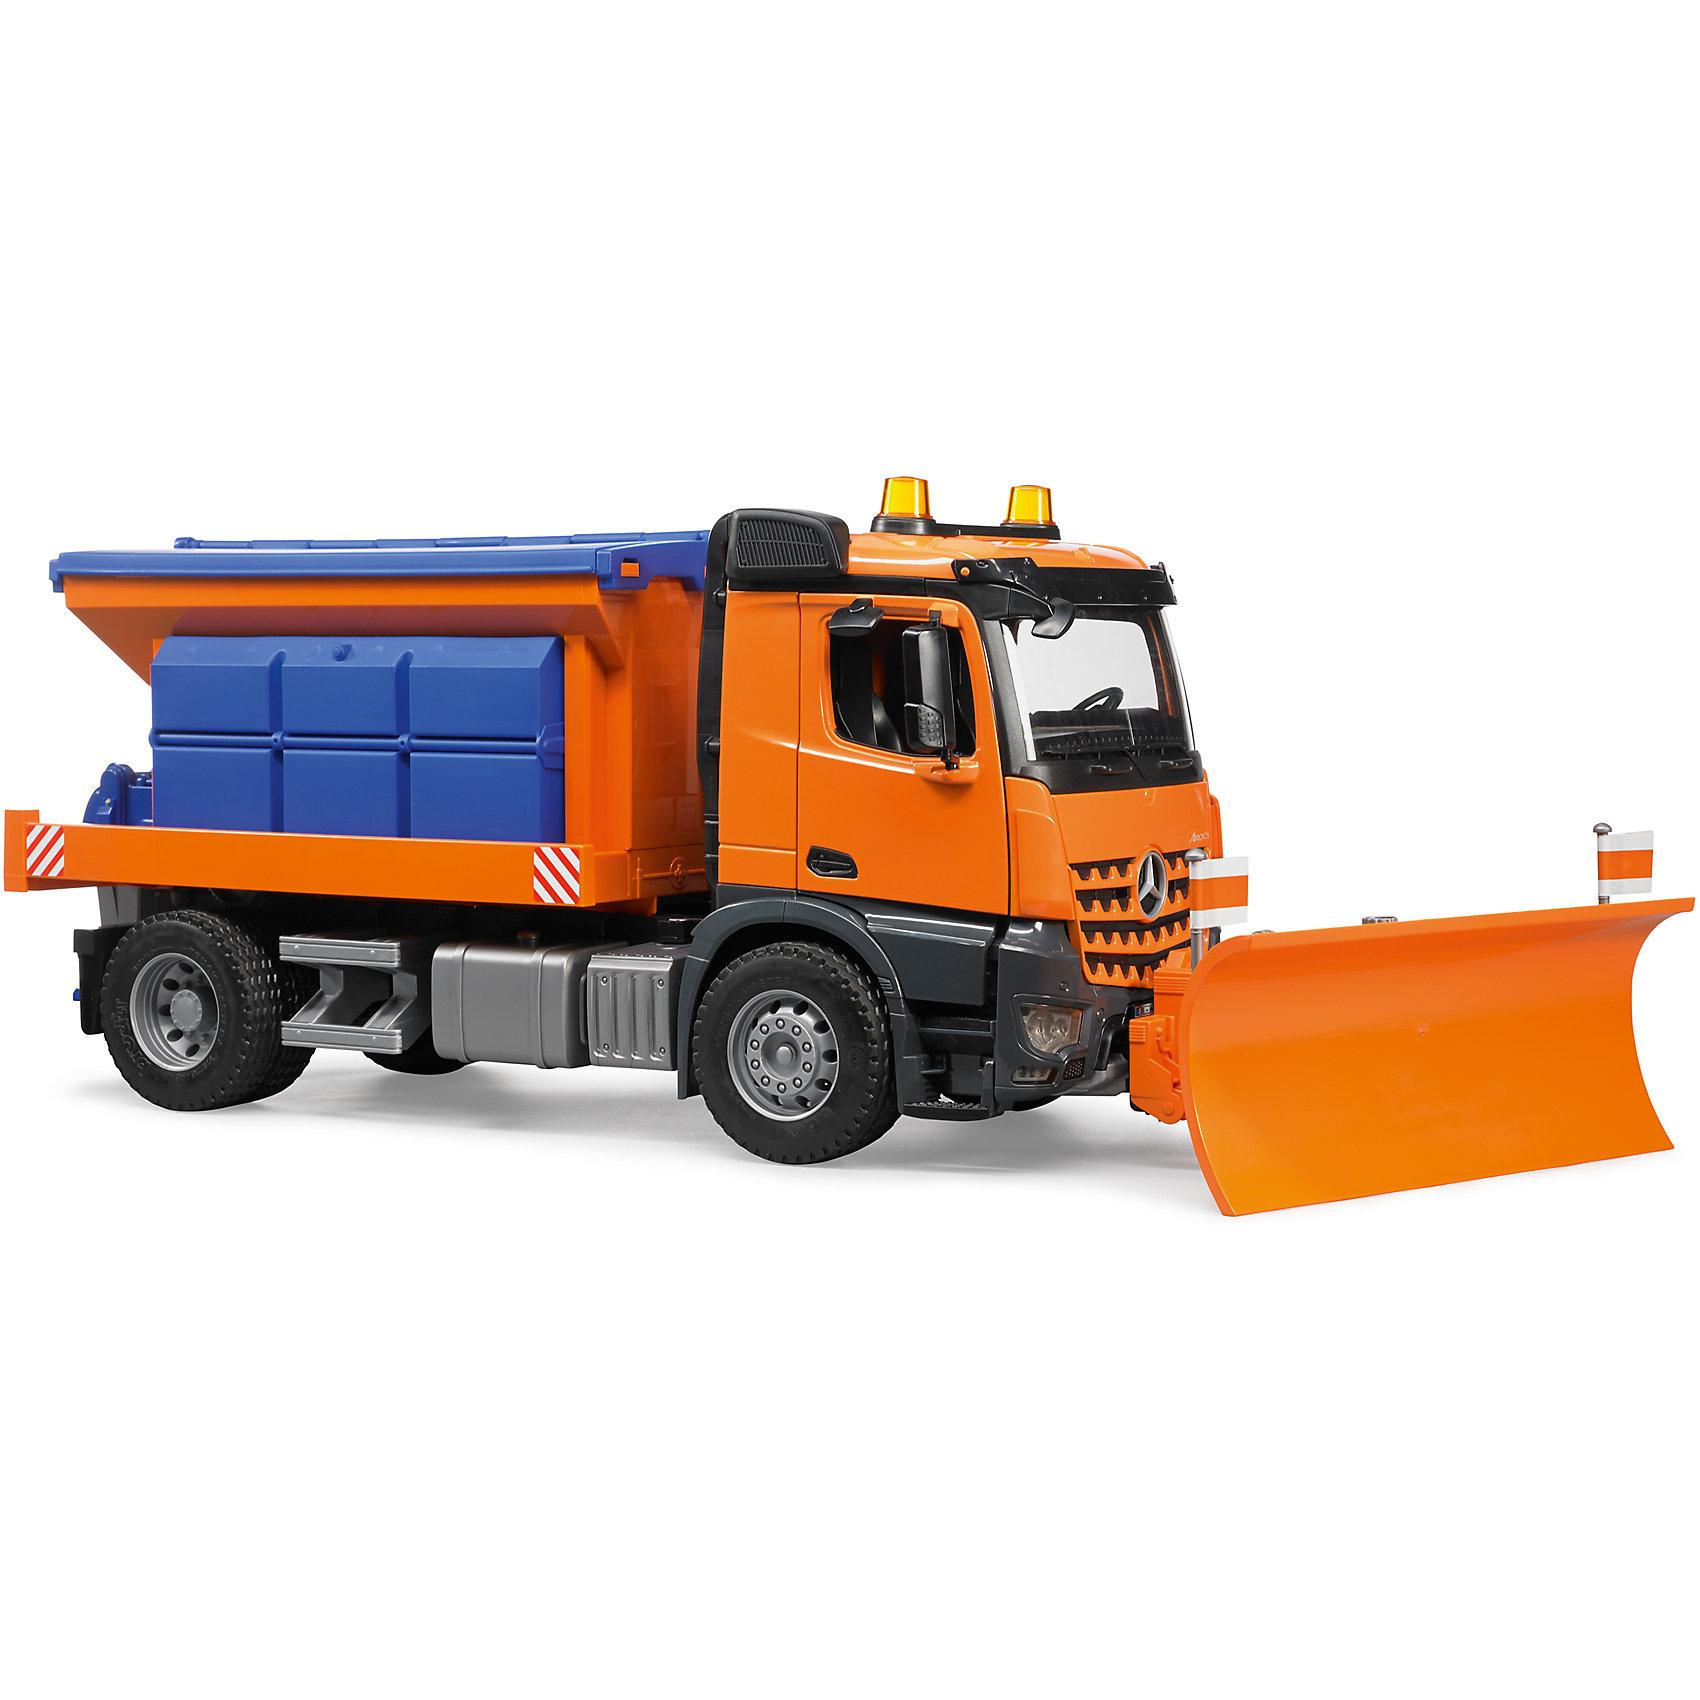 Снегоуборочная машина Bruder «MB Arocs»Снегоуборочная техника<br>Снегоуборочная машина Bruder «MB Arocs»<br>